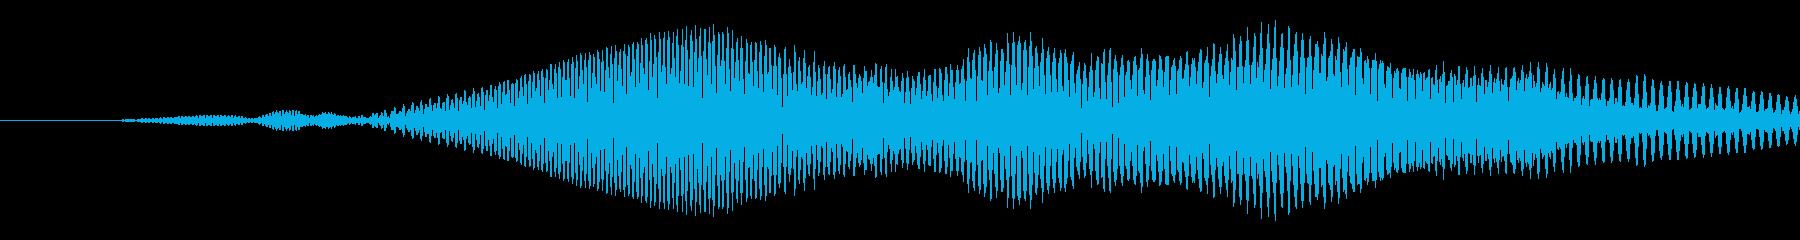 漫画のスライドwhiが速くの再生済みの波形